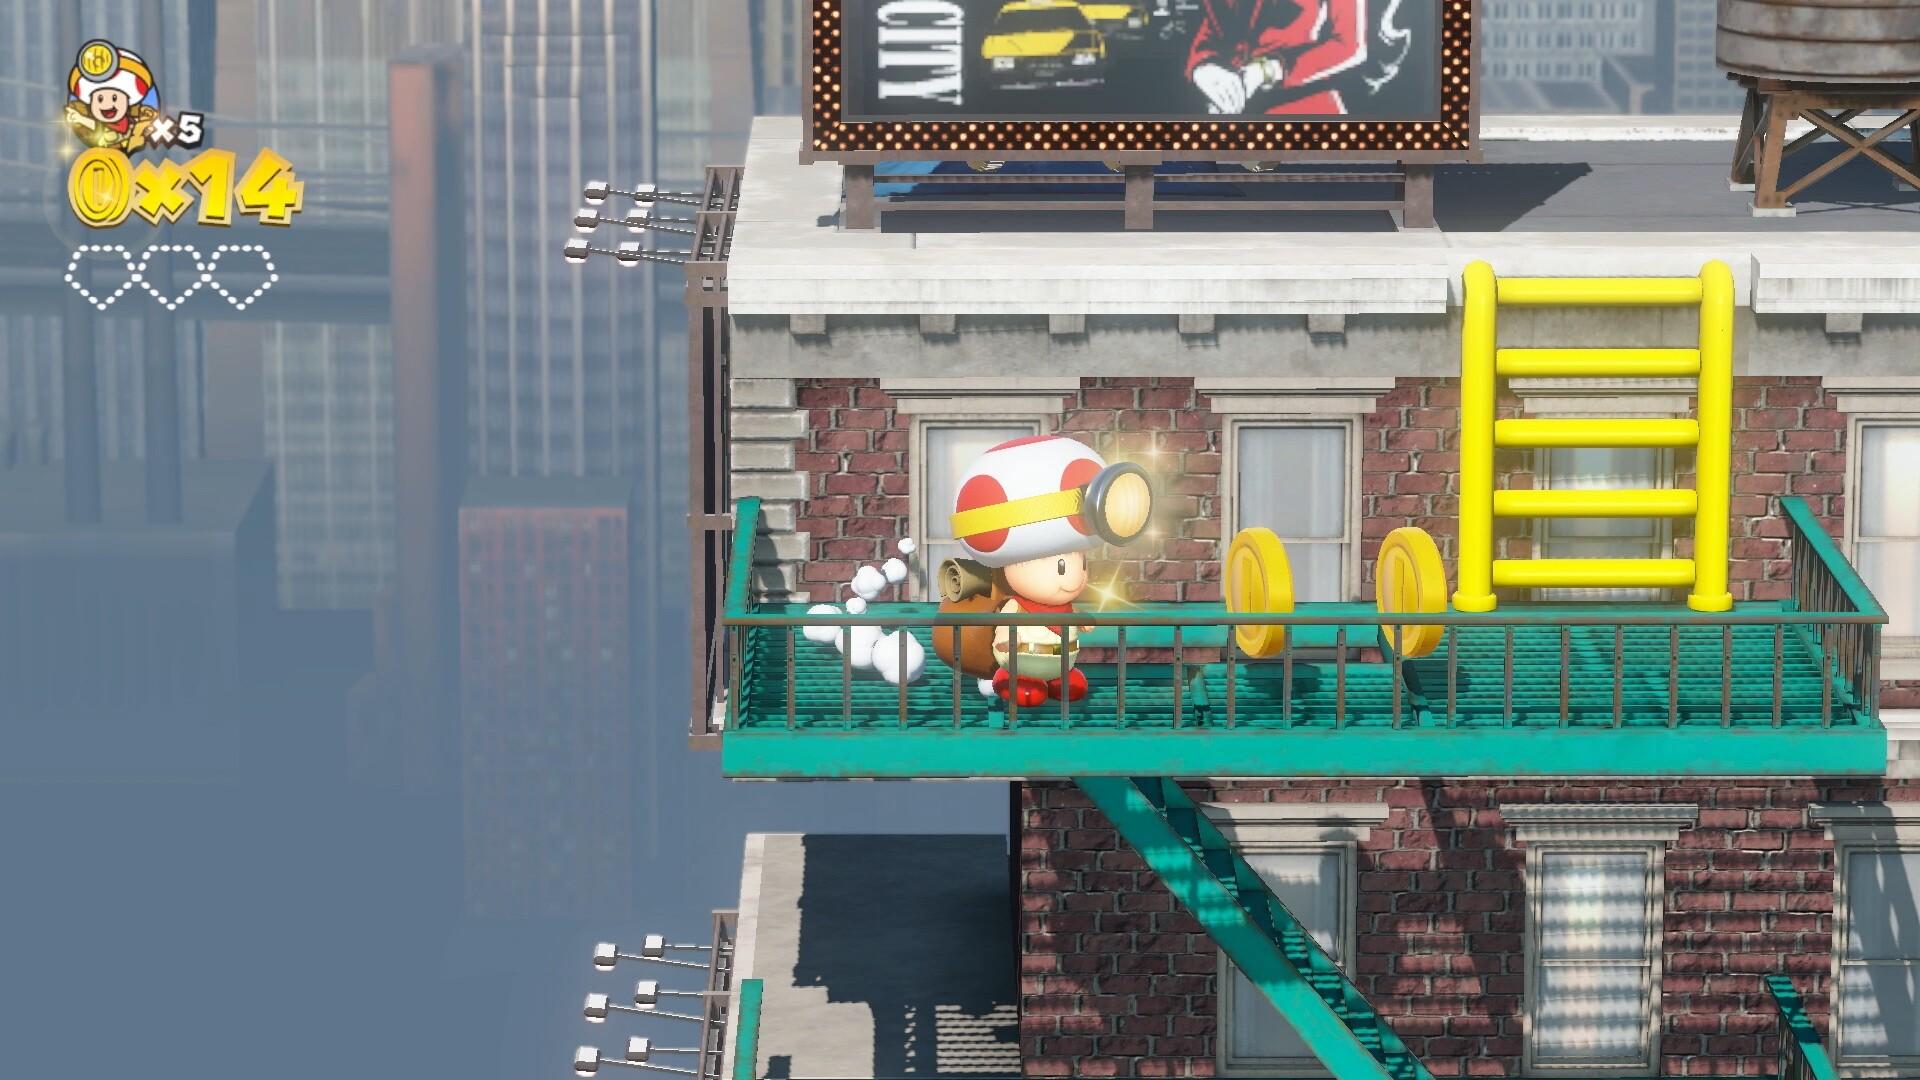 Captain Toad: Treasure Tracker - Super Mario Odyssey Levels